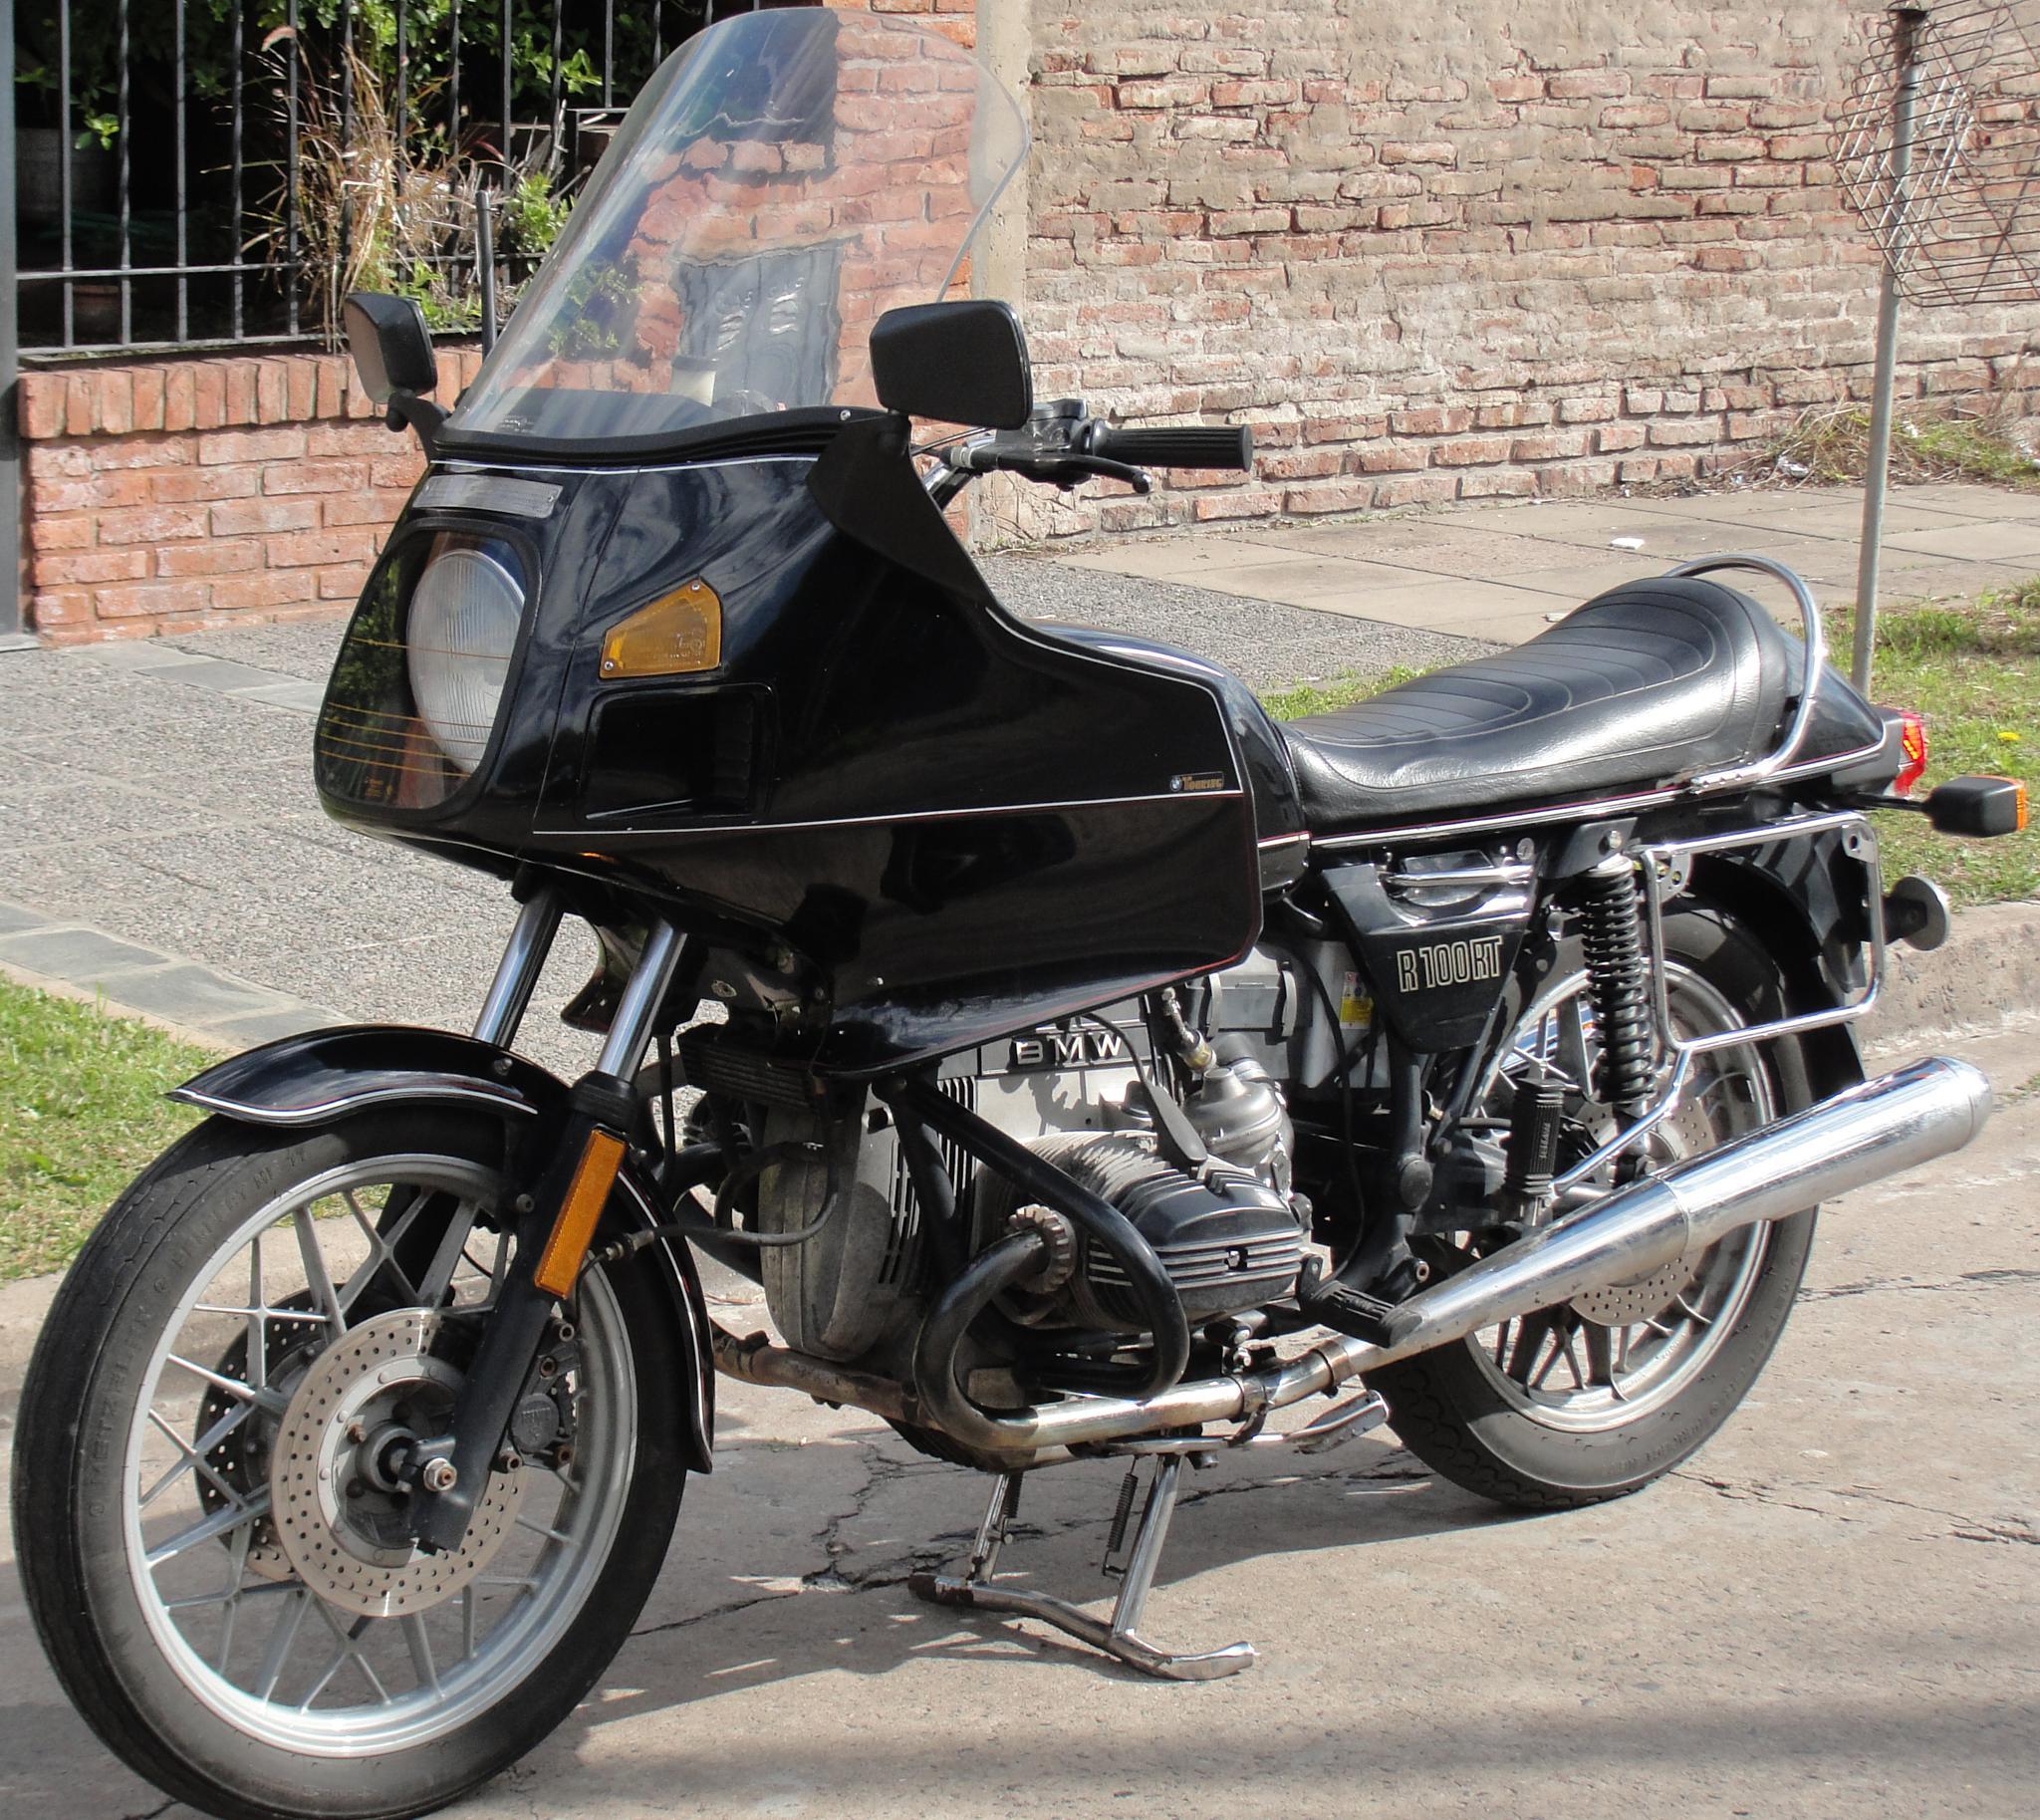 Moto BMW R 100 RT 1981 by arcar.org